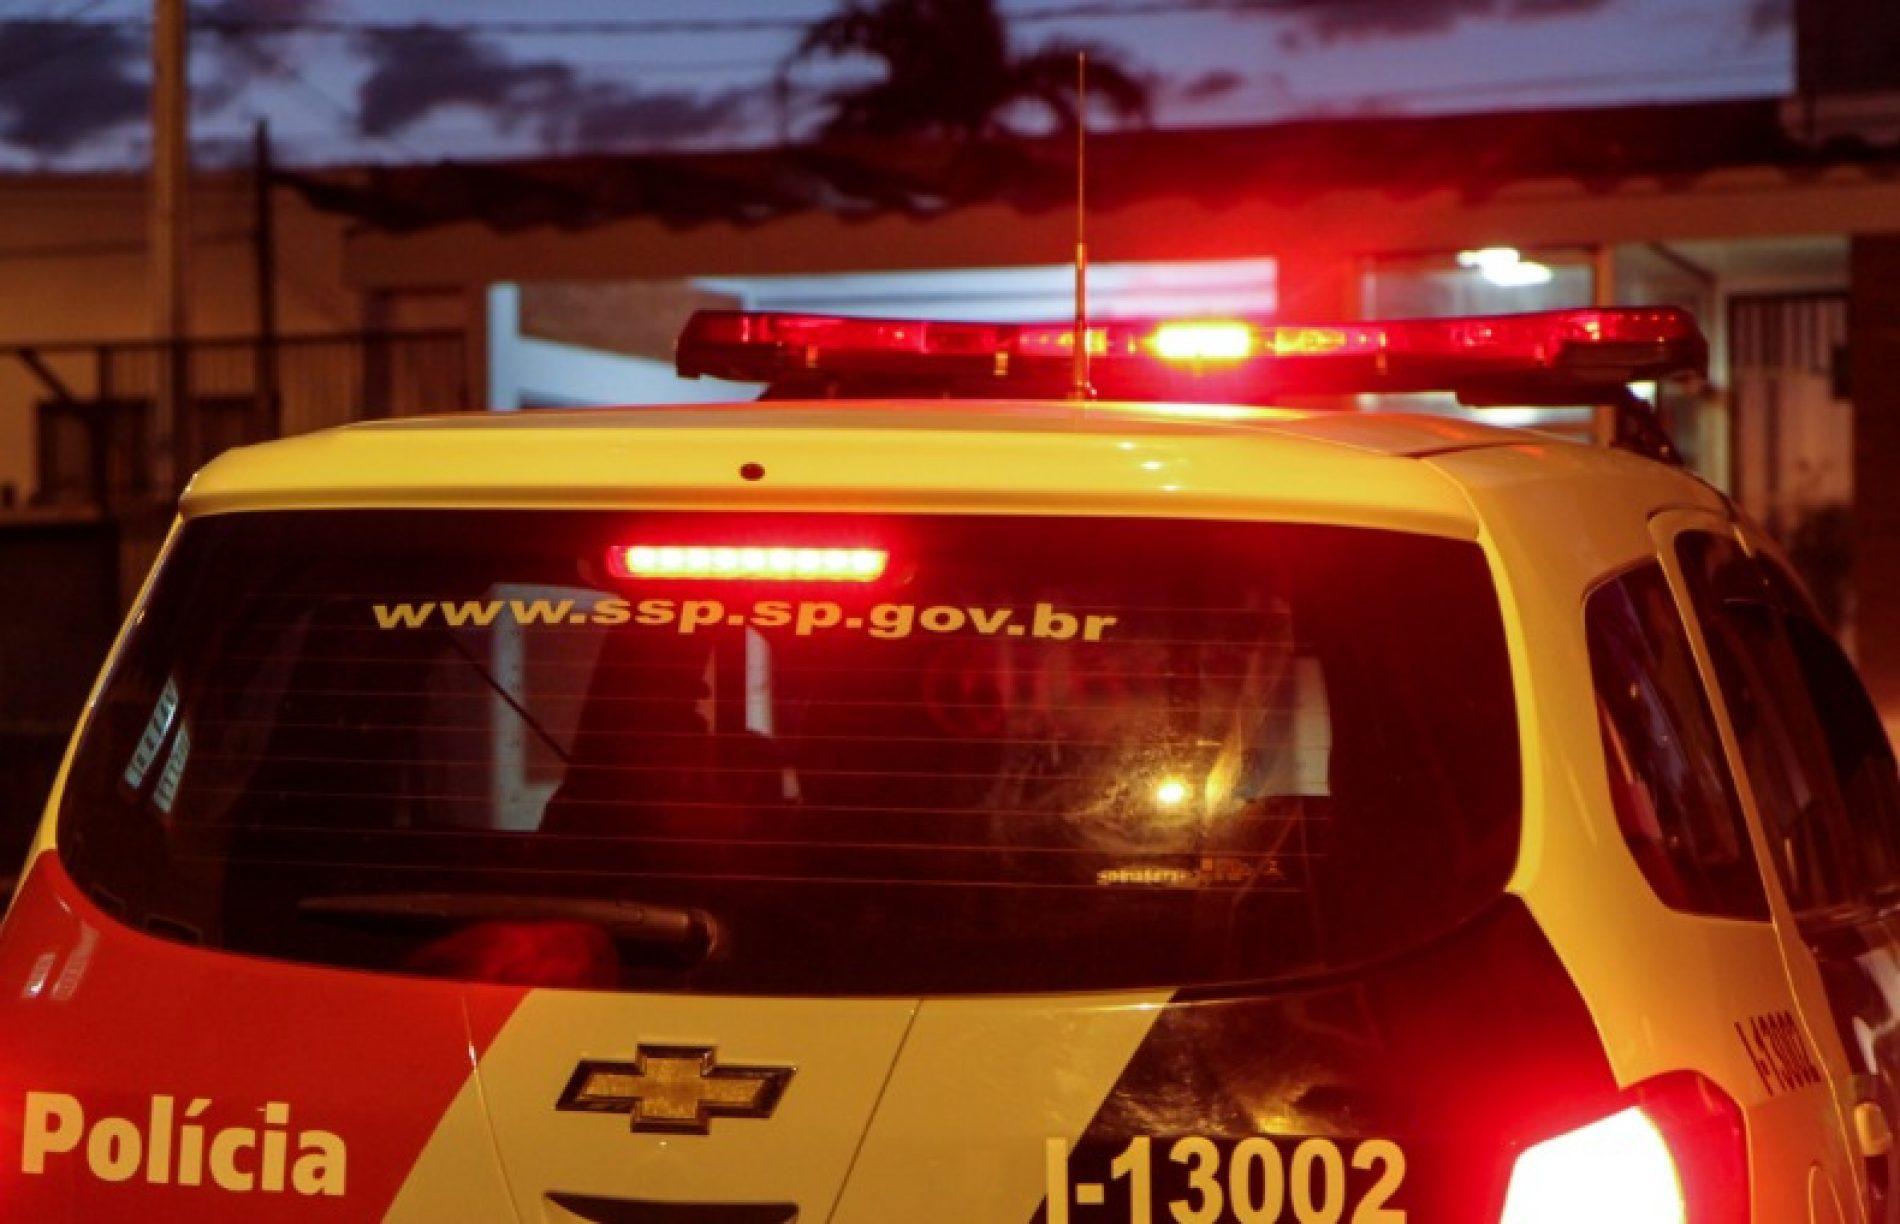 BARRETOS: Veículo se choca contra poste e motorista é internado em estado grave na Santa Casa